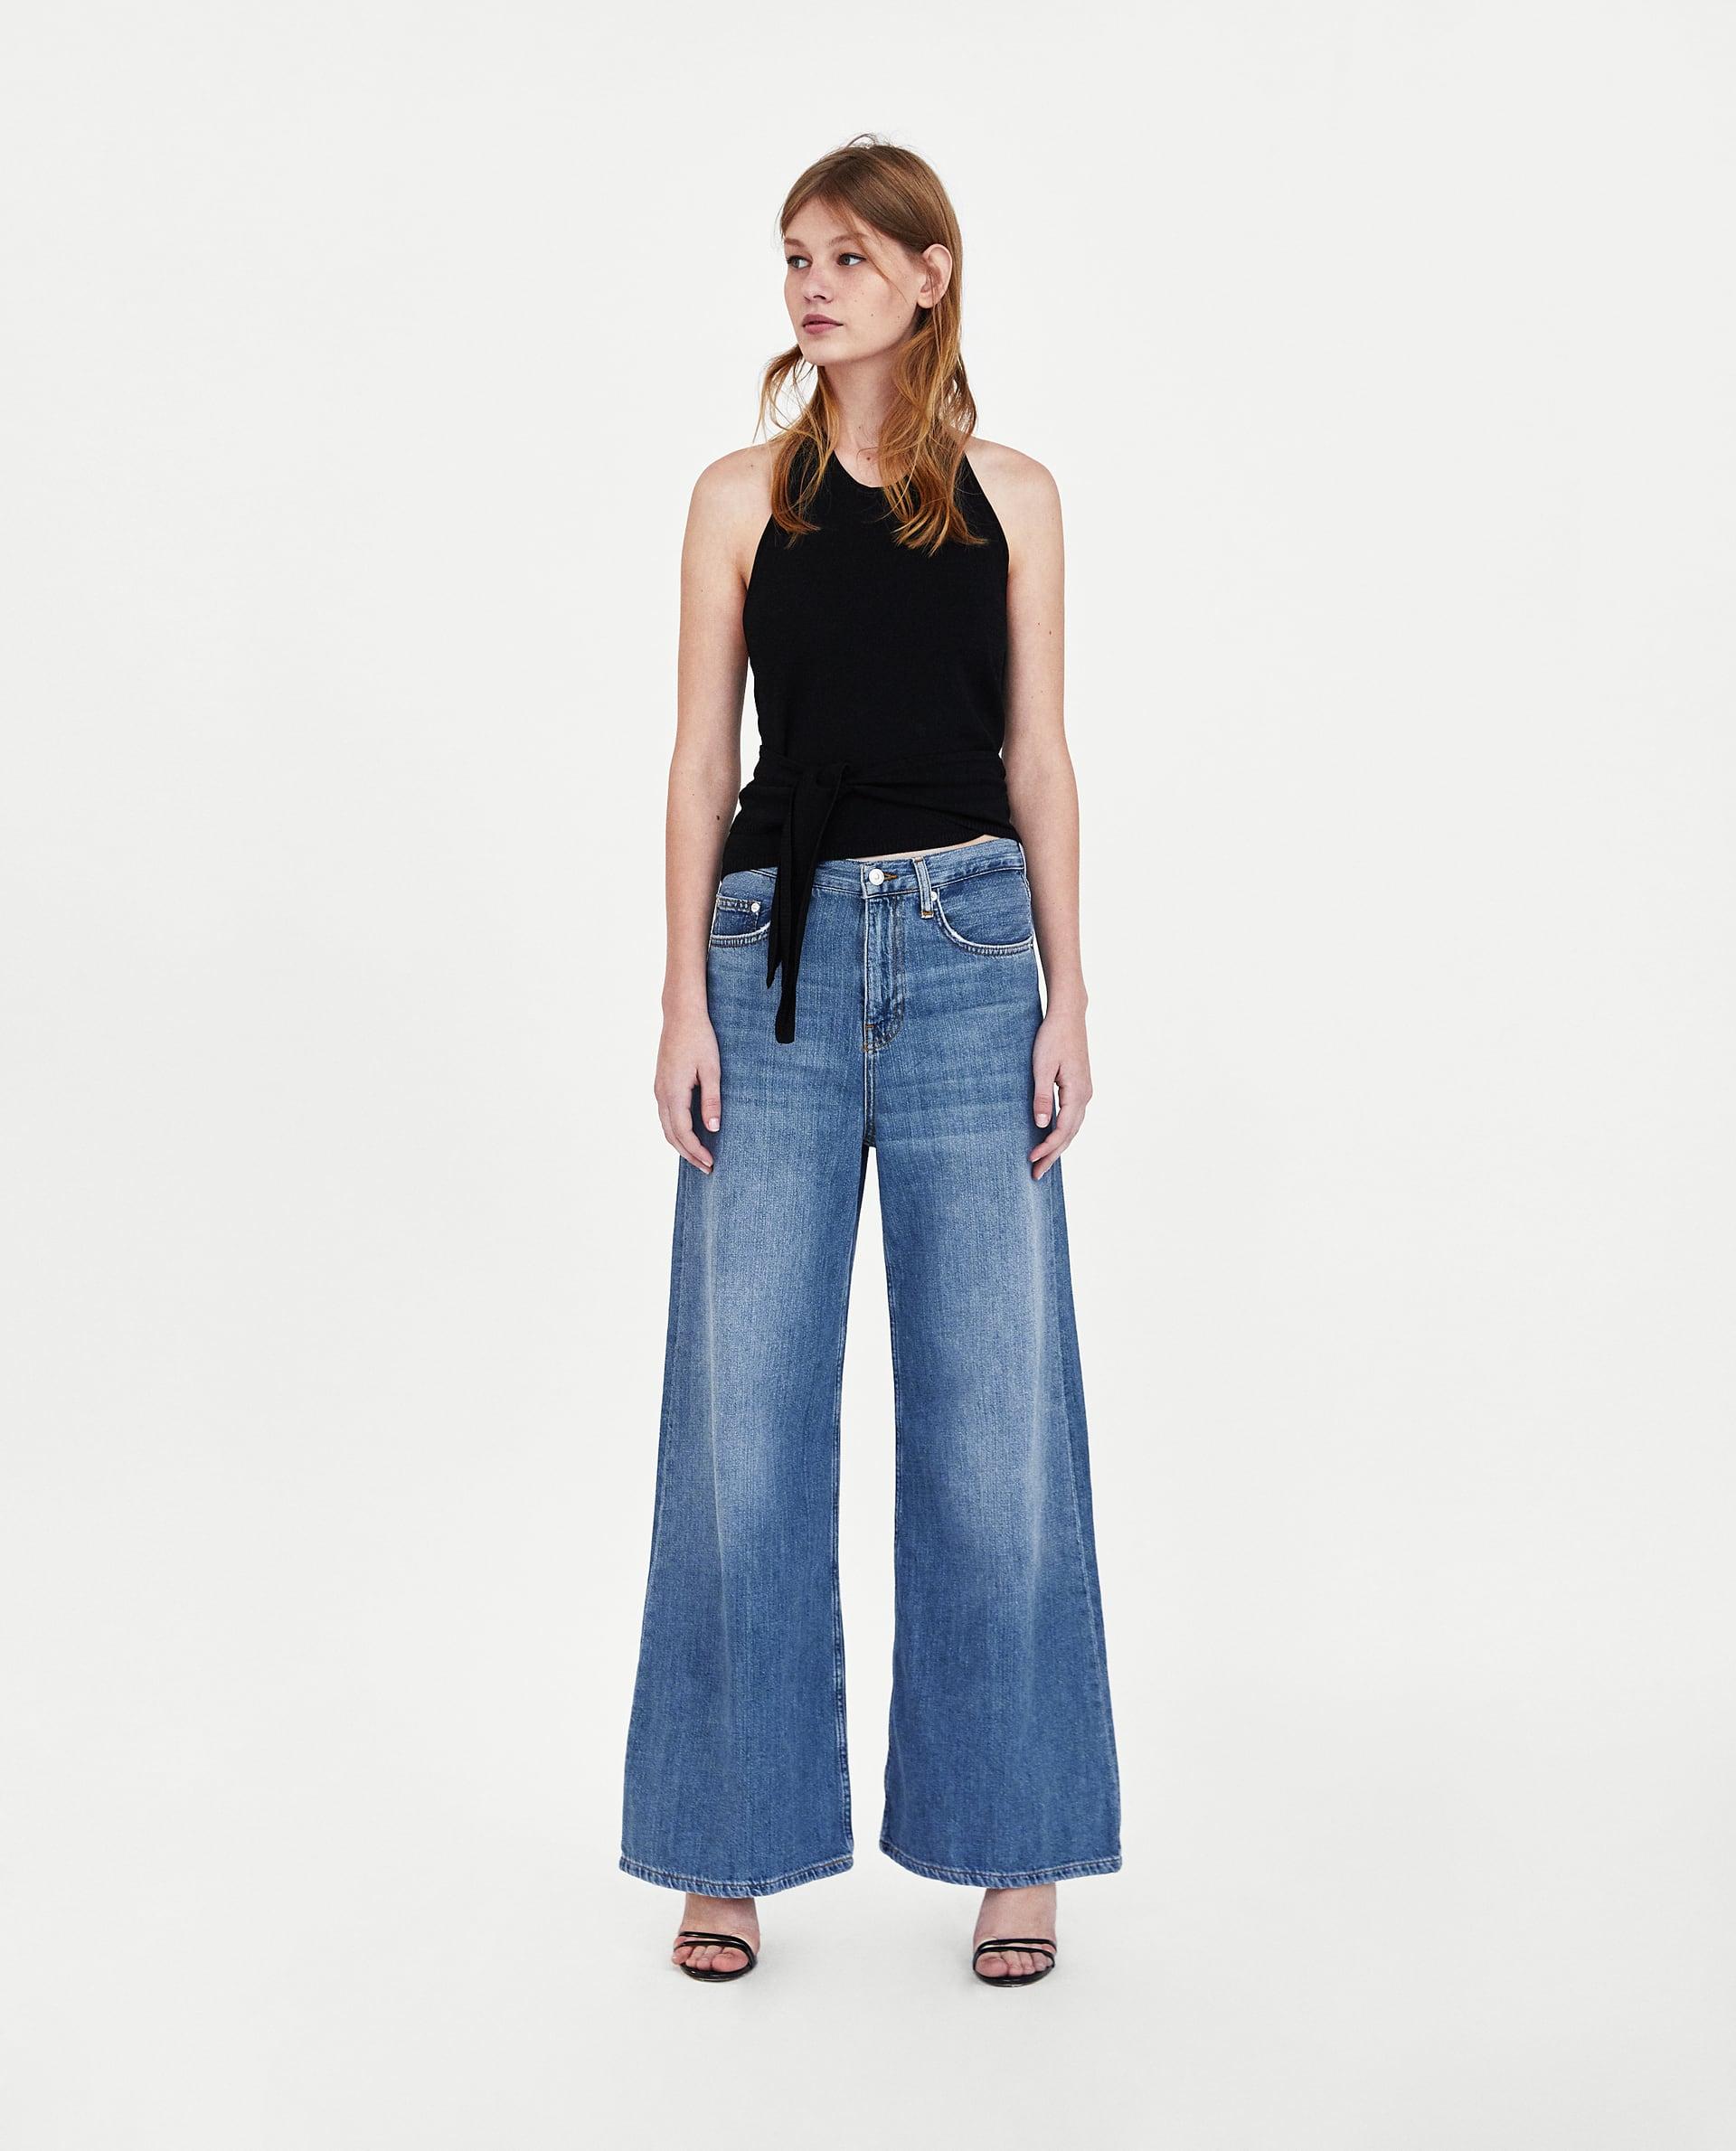 Модель в широких джинсах с завышенной талией